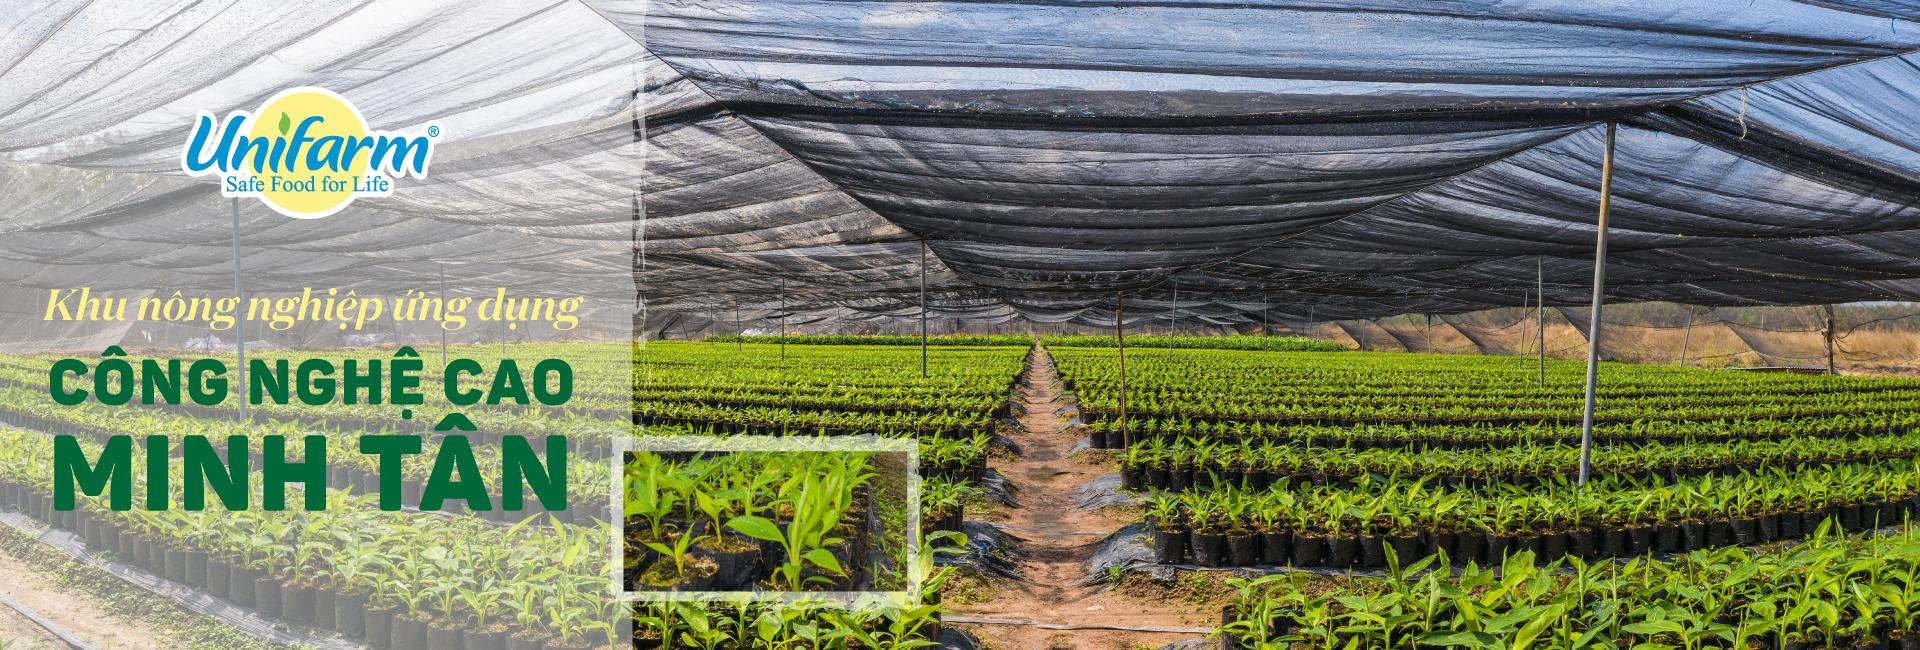 Vườn ươm khu nông nghiệp công nghệ cao Minh Tân